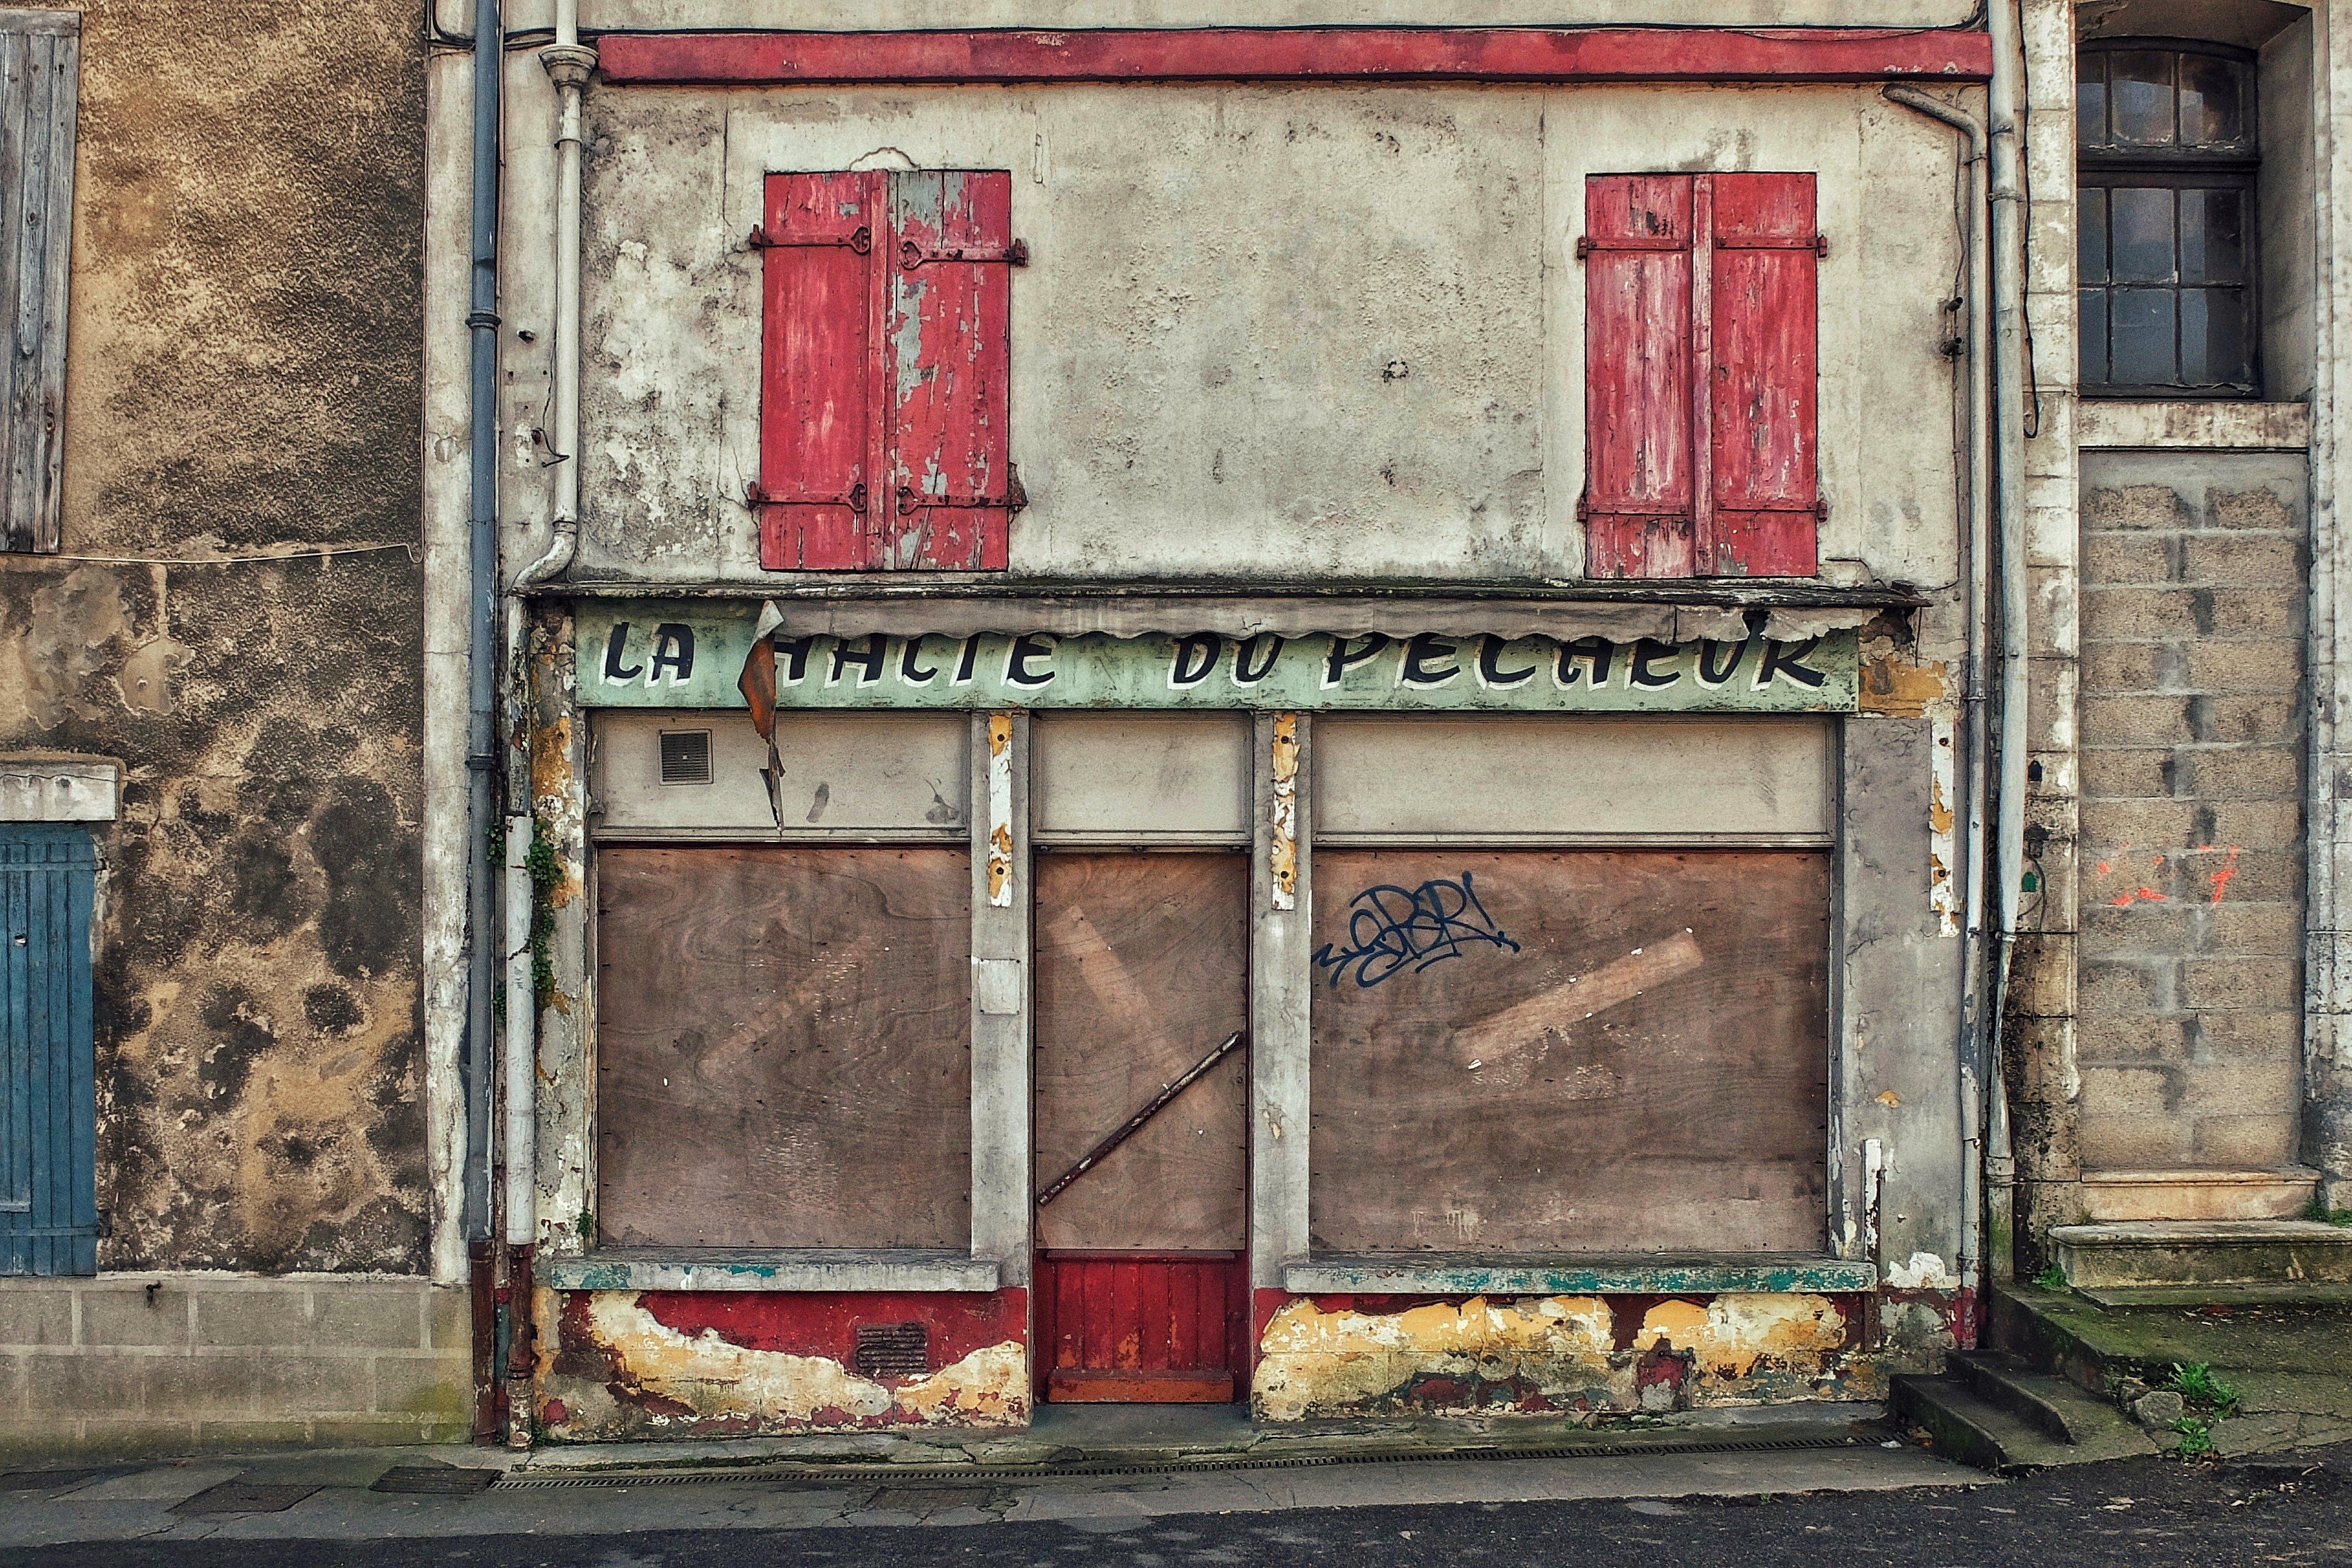 Fond Du0027écran : La Peinture, Vieux, Fenêtre, Rue, Rouge, Abandonné, Mur,  Route, Bois, Maison, Porte, Fujifilm, Infrastructure, ART, Couleur,  Boutique, ...